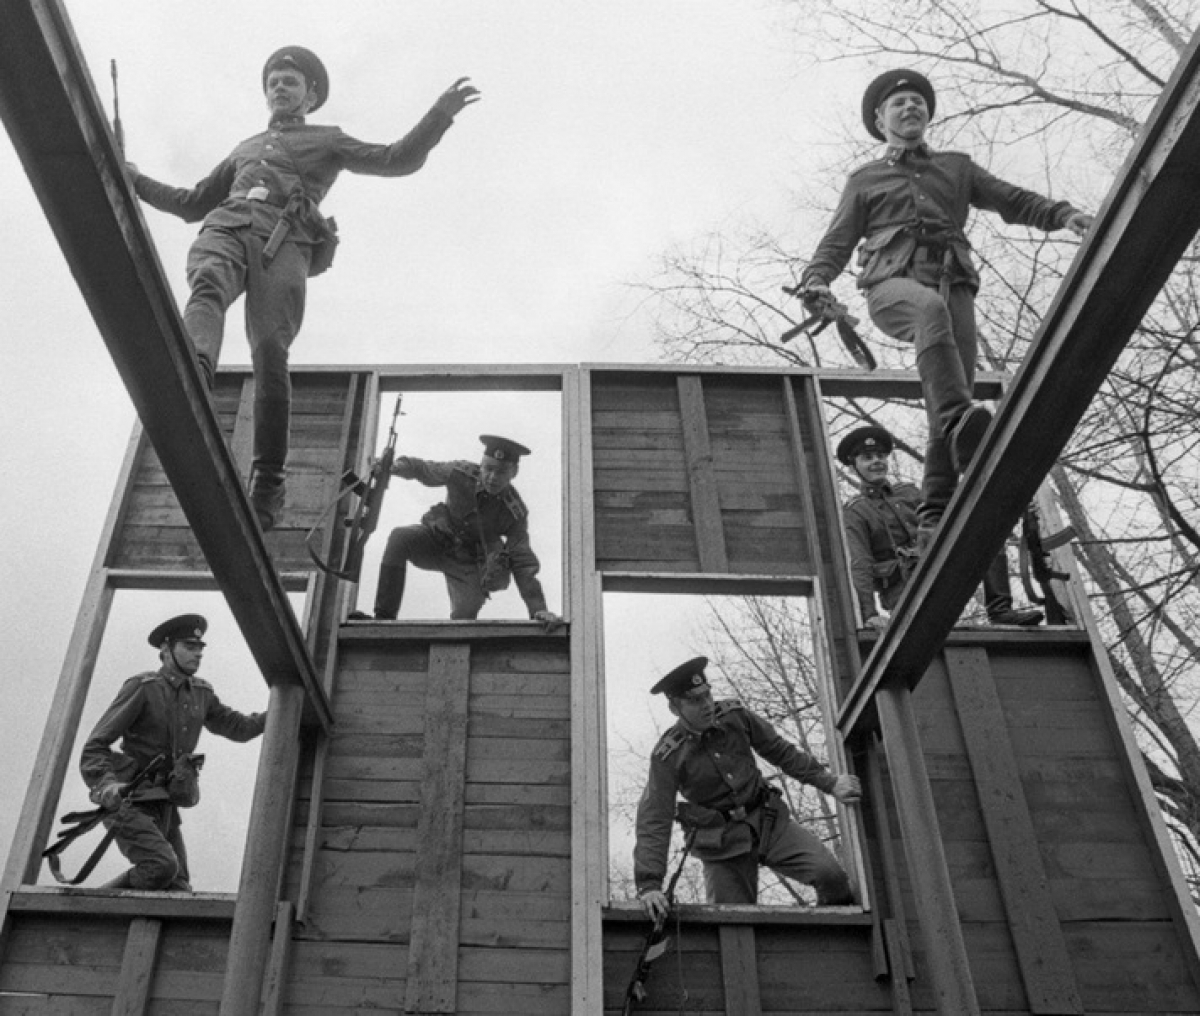 Các tân binh KGB huấn luyện trên thao trường. Ảnh: TASS.